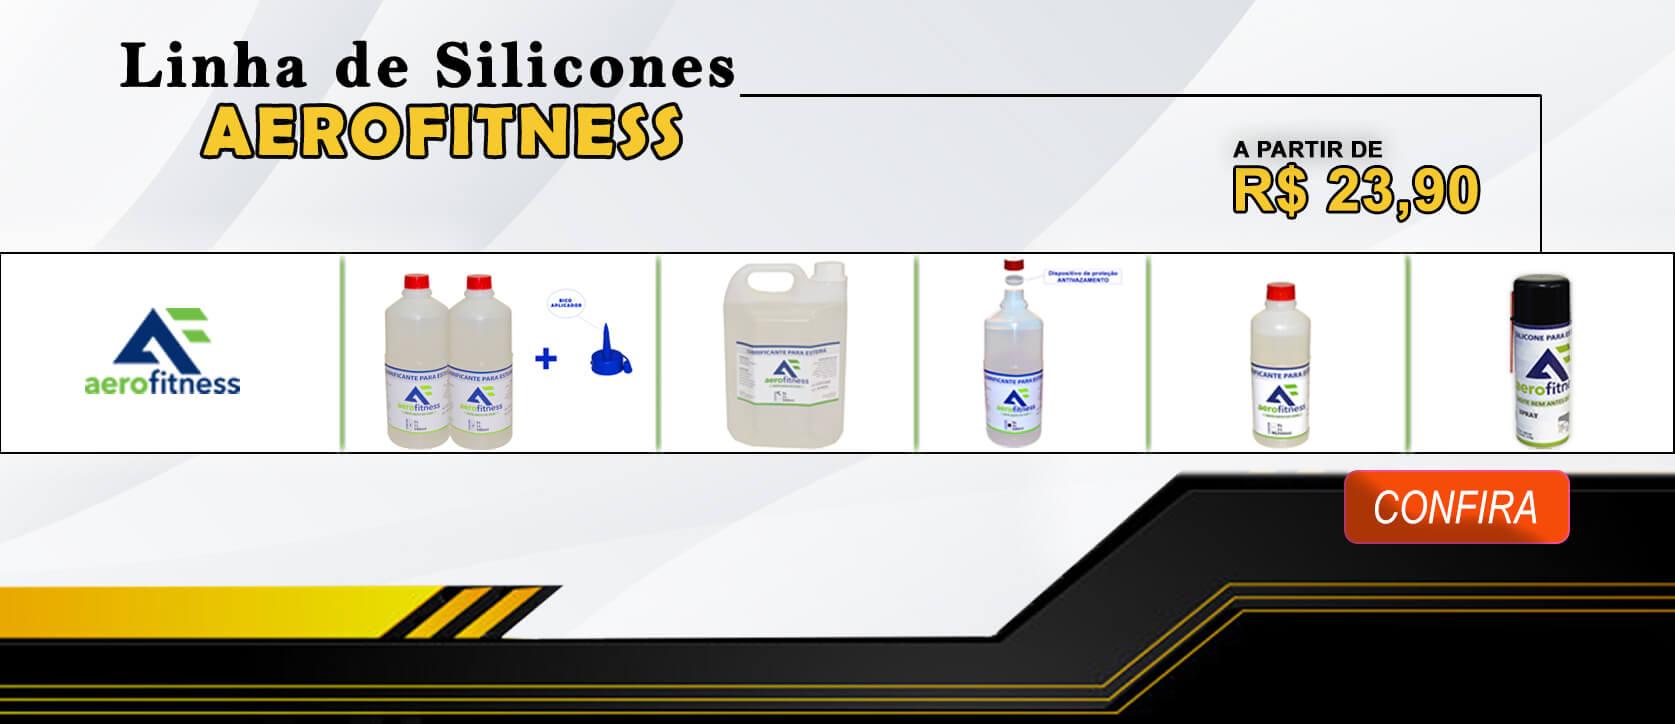 Linha de Silicones Aerofitness